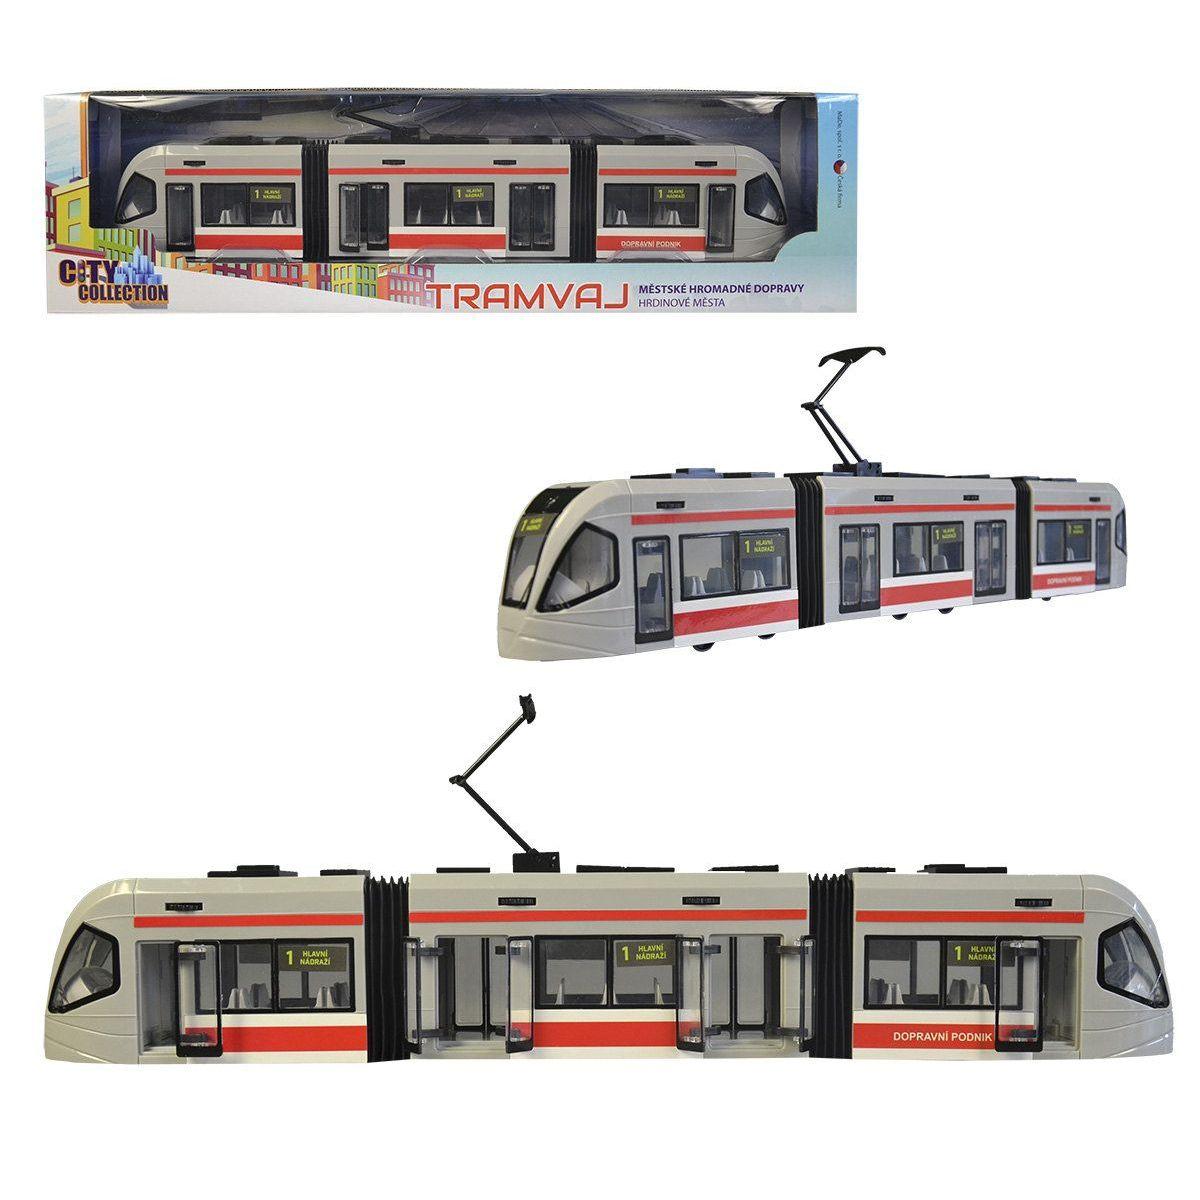 Česká tramvaj s otvírací dveřmi a volnými koly